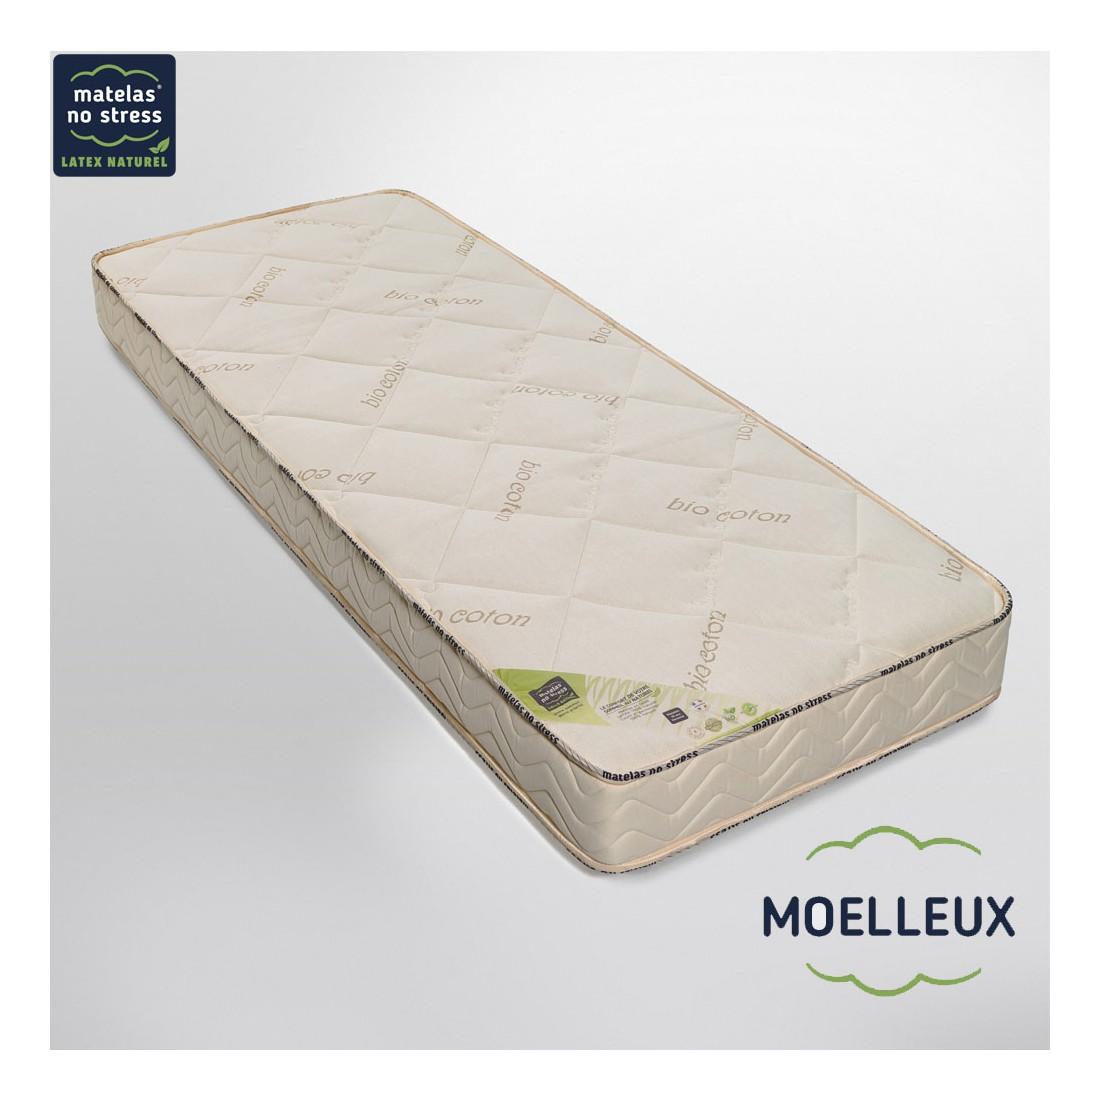 Matelas pirelli latex naturel id e inspirante pour la conception de la maison - Matelas latex naturel pirelli ...